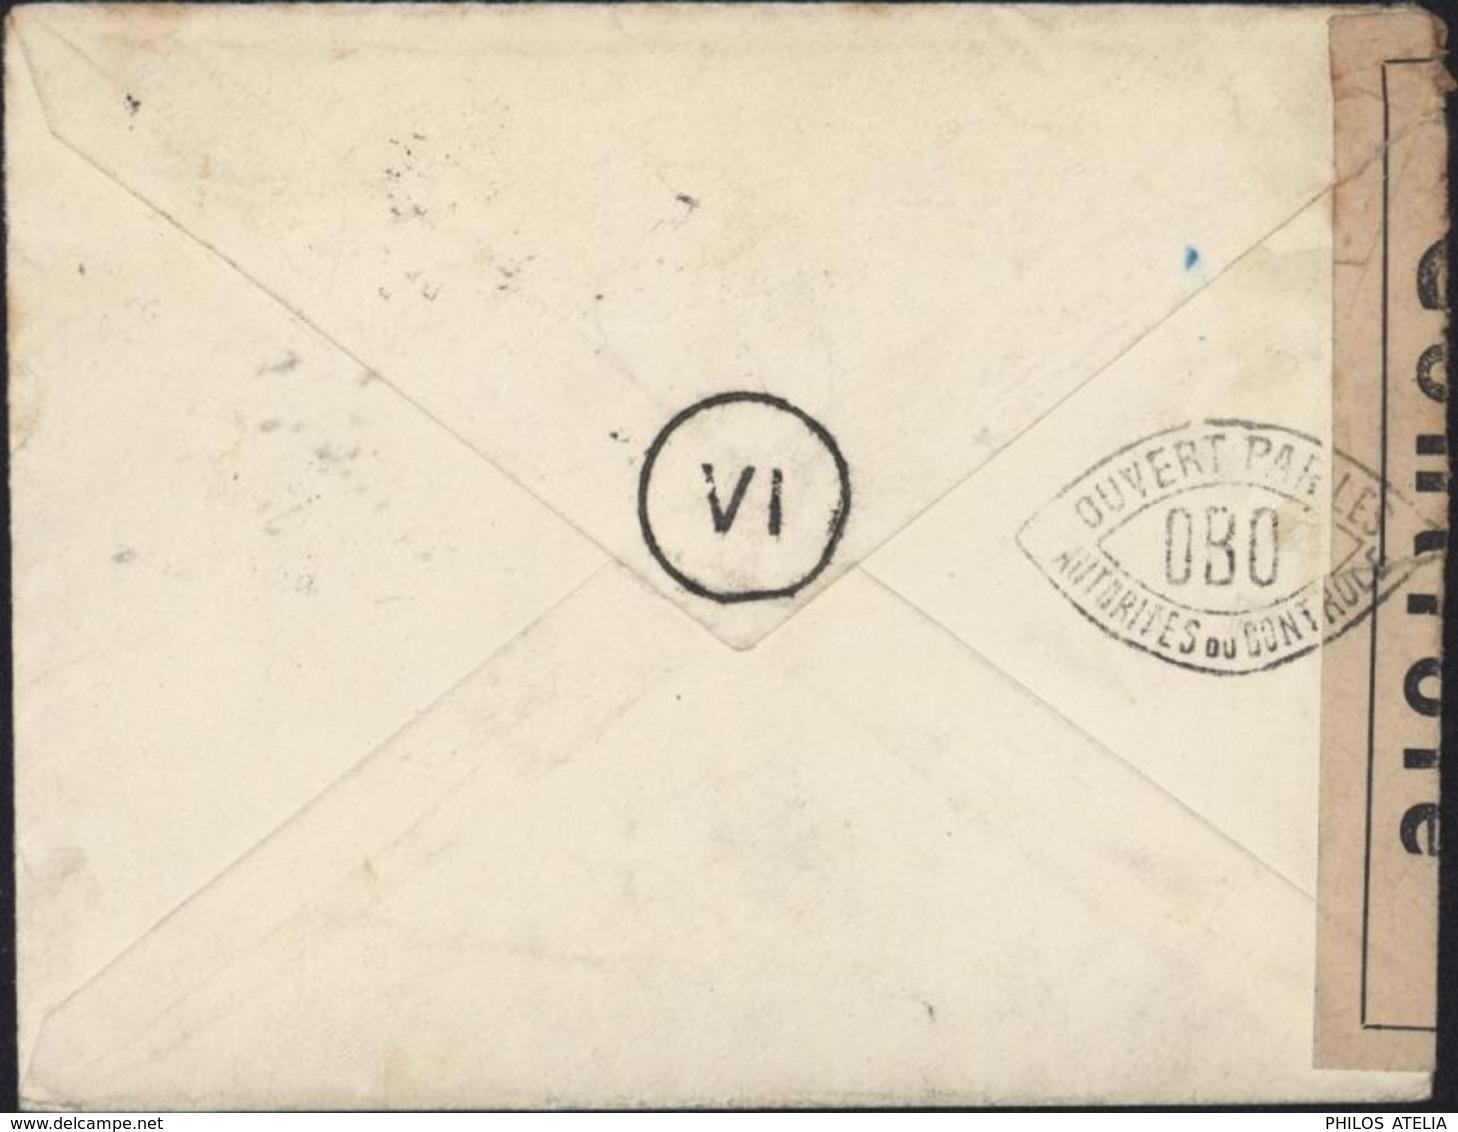 """Guerre 39 Censure Bande """"contrôlé"""" Cachet Ouvert Par Autorité Contrôle OBO Deloste P86 N°38 Digne CAD Manosque 16 6 42 - Marcophilie (Lettres)"""